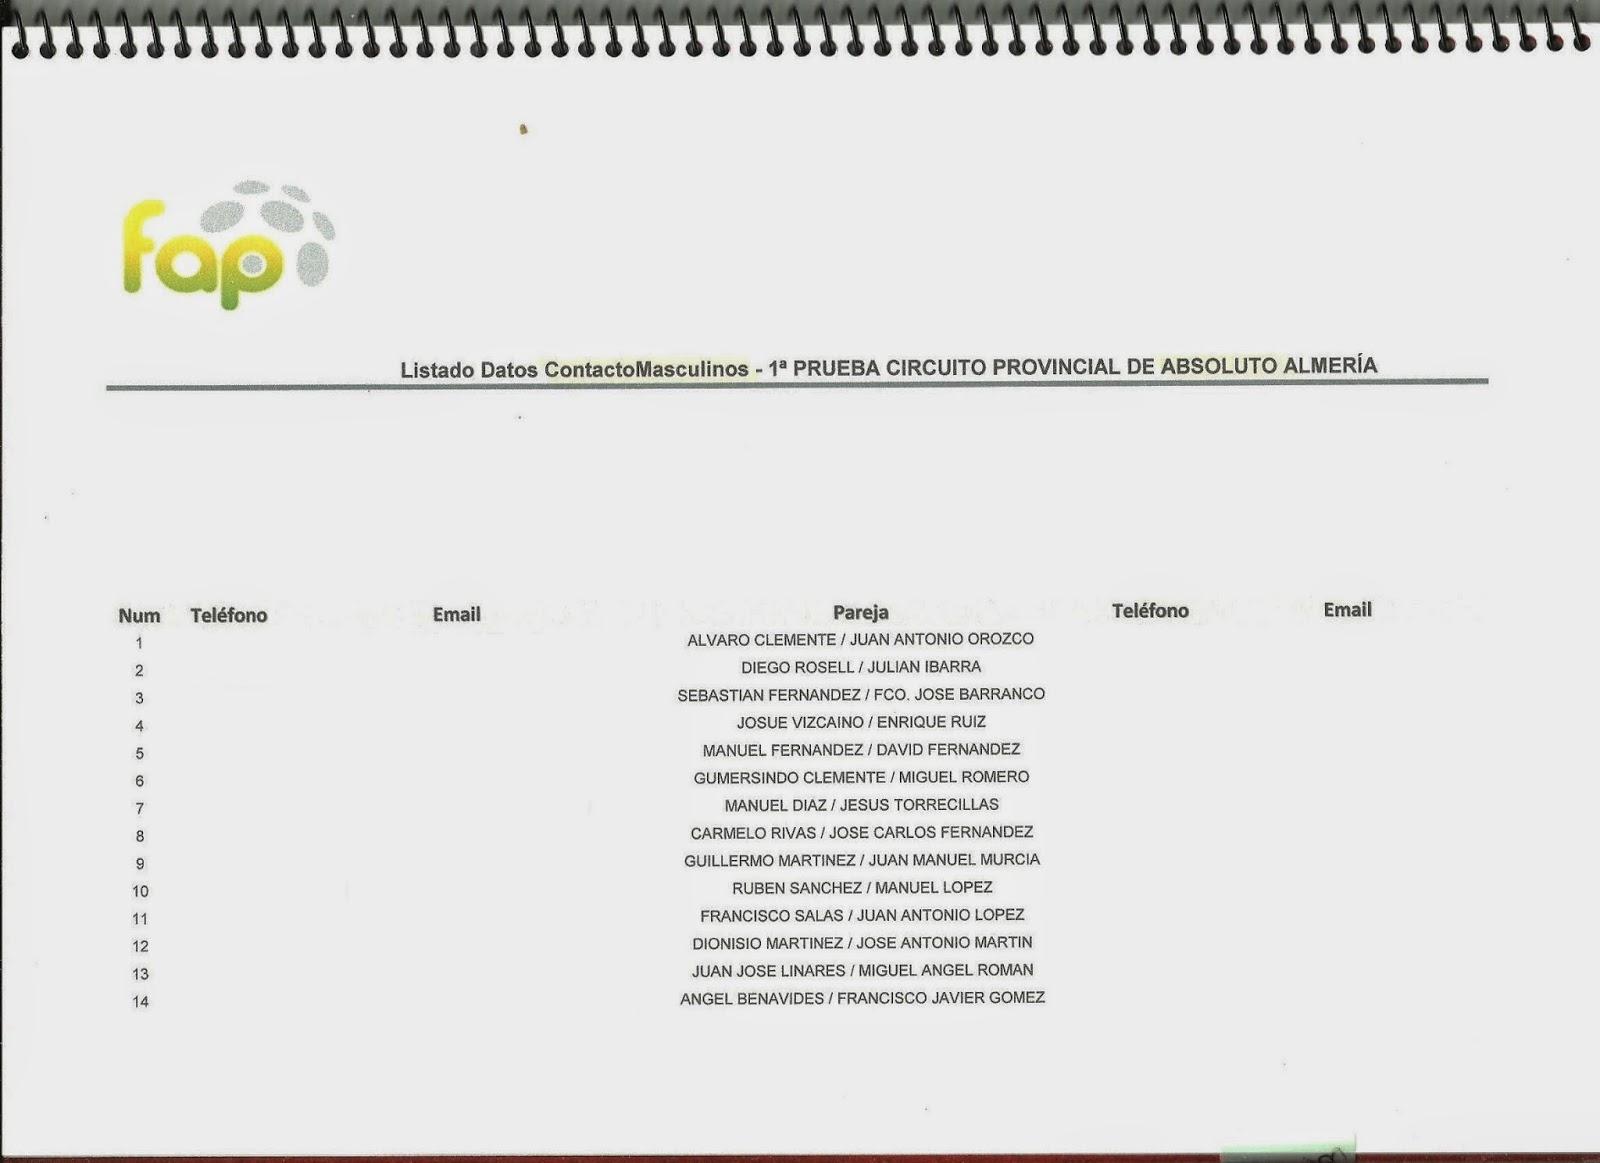 Imagen del listado con los datos de los jugadores de la 1ª Prueba del Circuito Provincial